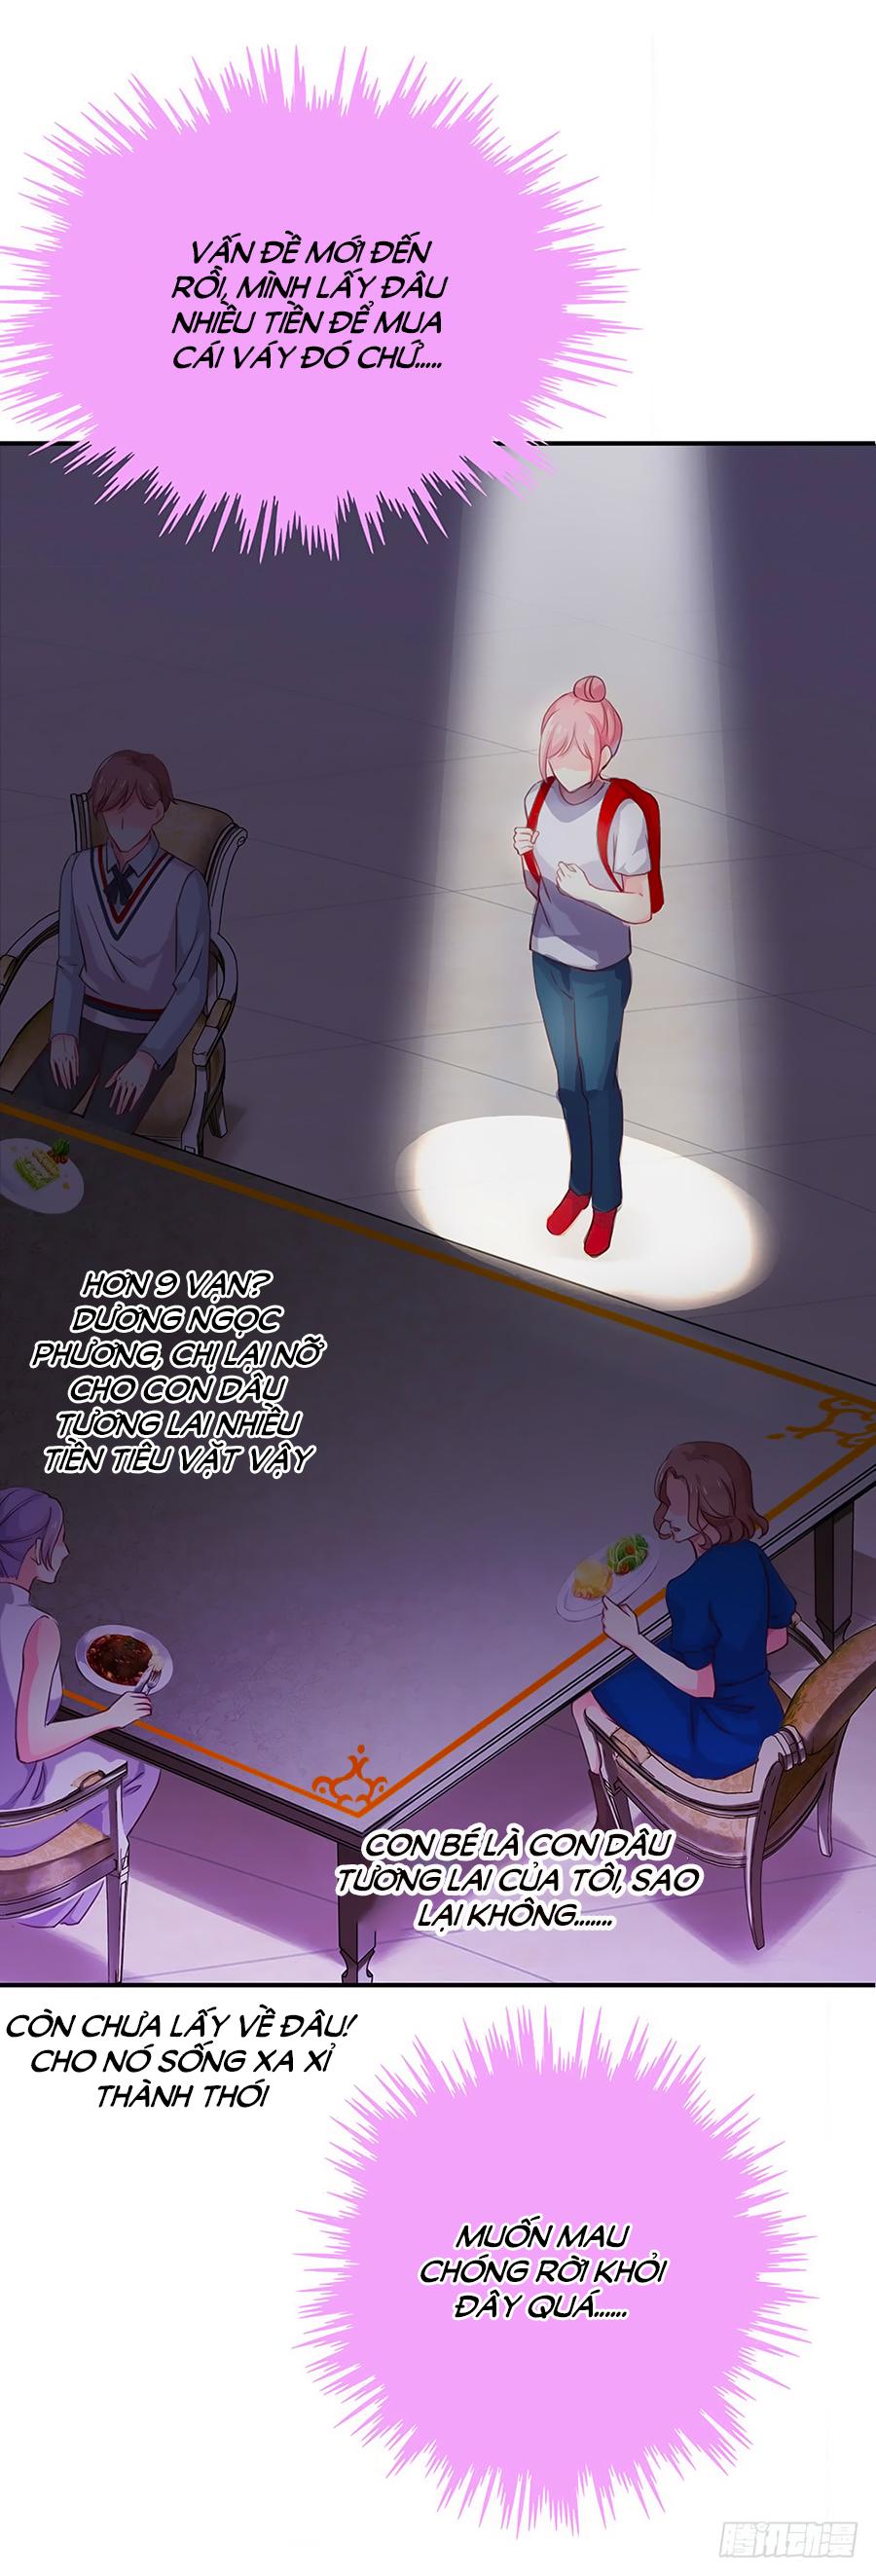 Chồng Tạm Thời, Chơi Bí Ẩn Chapter 6 - Hamtruyen.vn